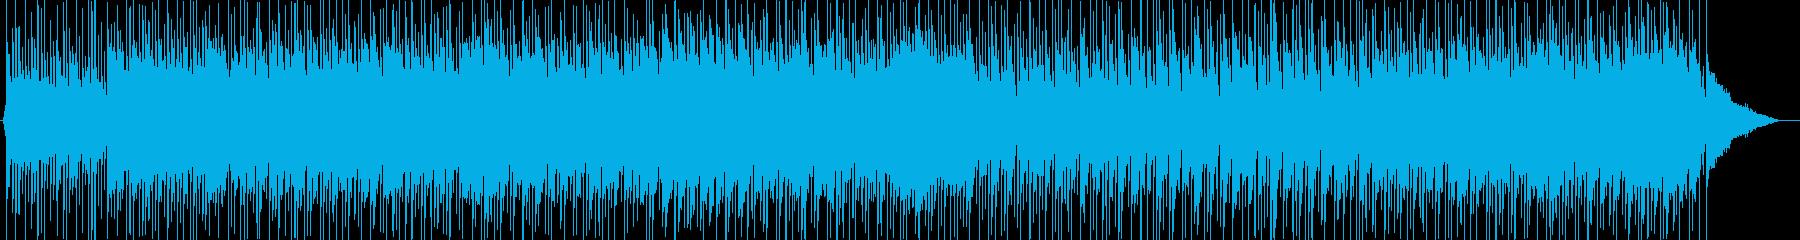 クラシックをアレンジしたルンバの再生済みの波形